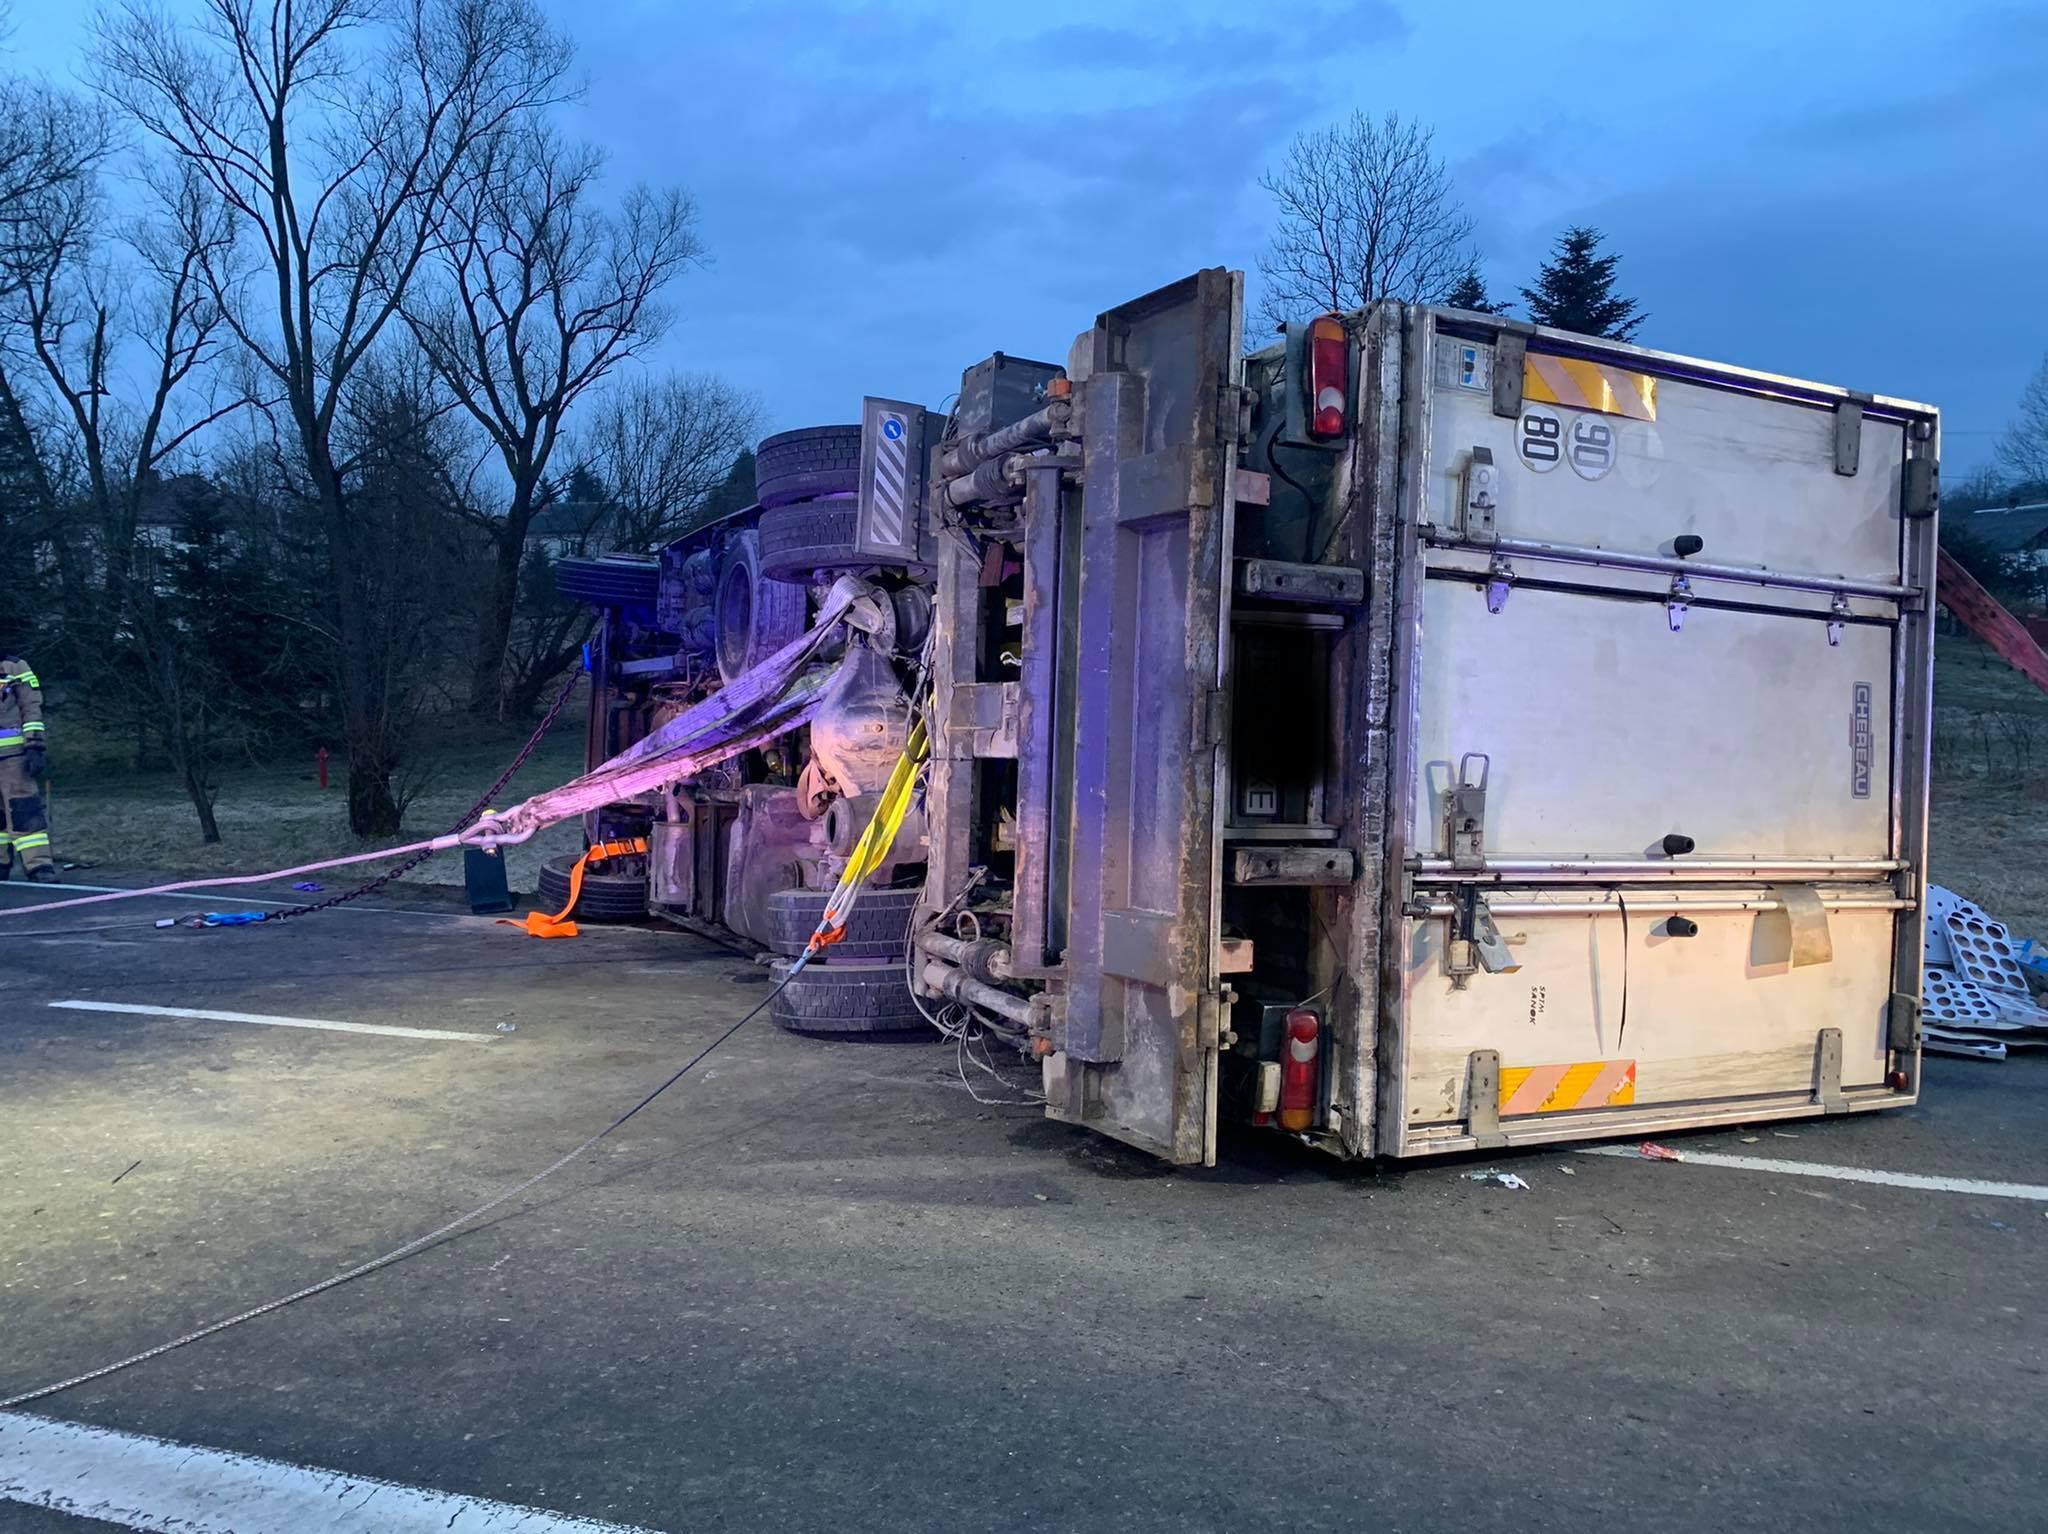 PISAROWCE: Ciężarówka przewróciła się w poprzek drogi. DK28 była zablokowana całkowicie! [ZDJĘCIA] - Zdjęcie główne